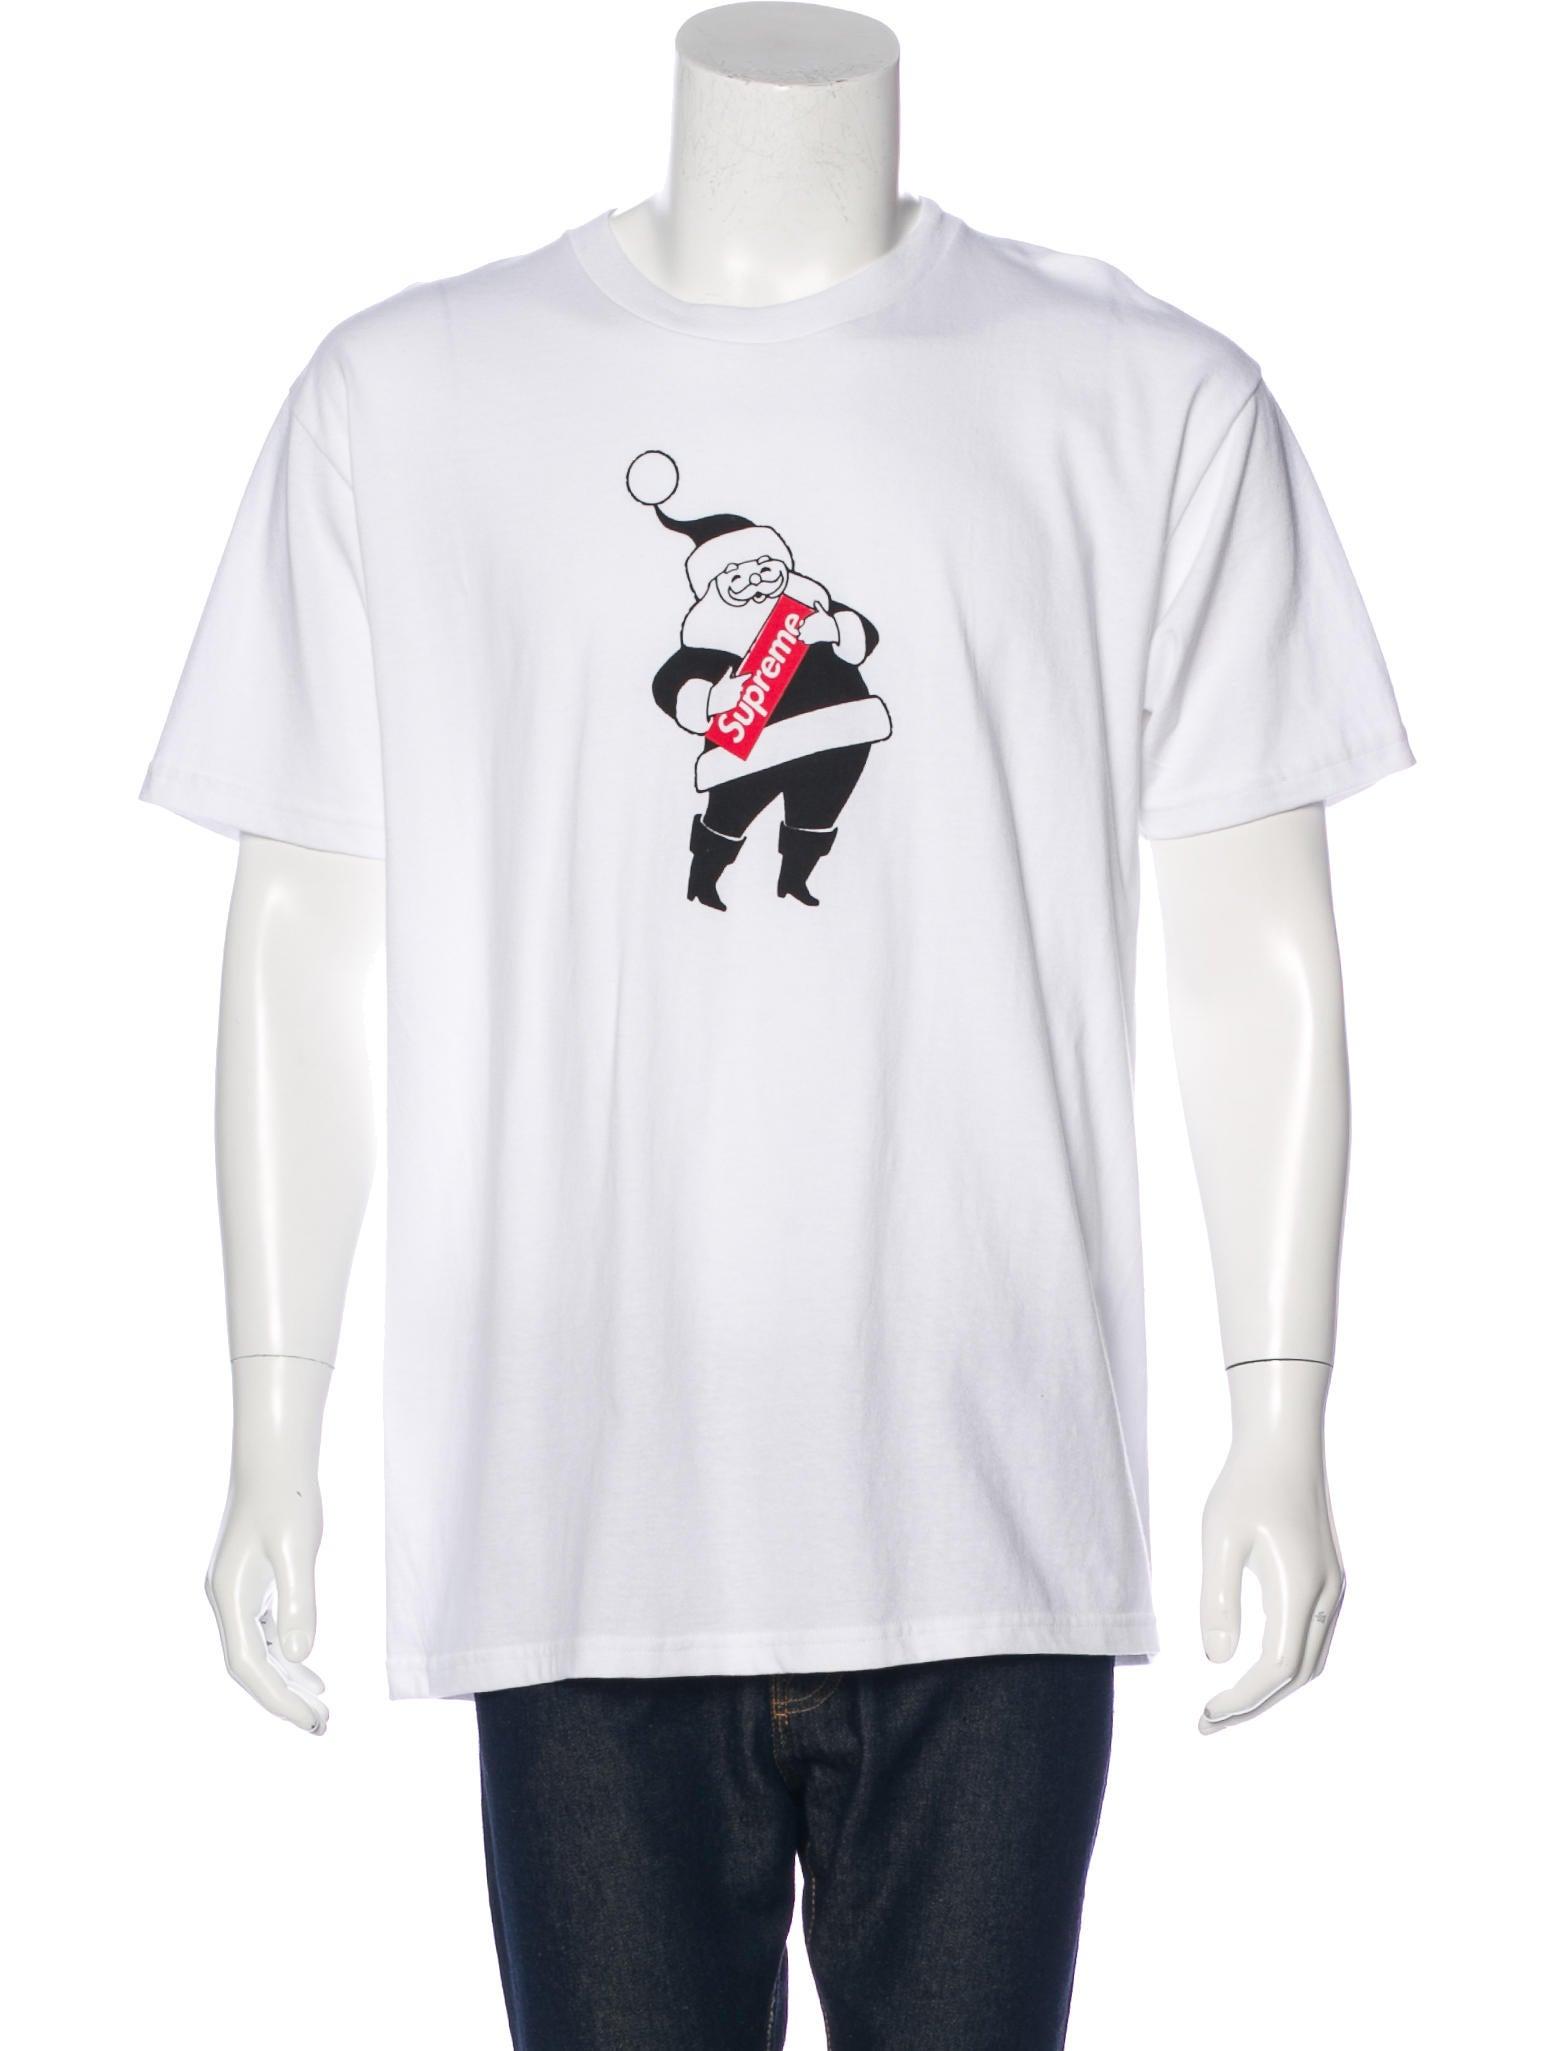 ae3b0242 Supreme 2016 Santa Box Logo T-Shirt w/ Tags - Clothing - WSPME20340 ...